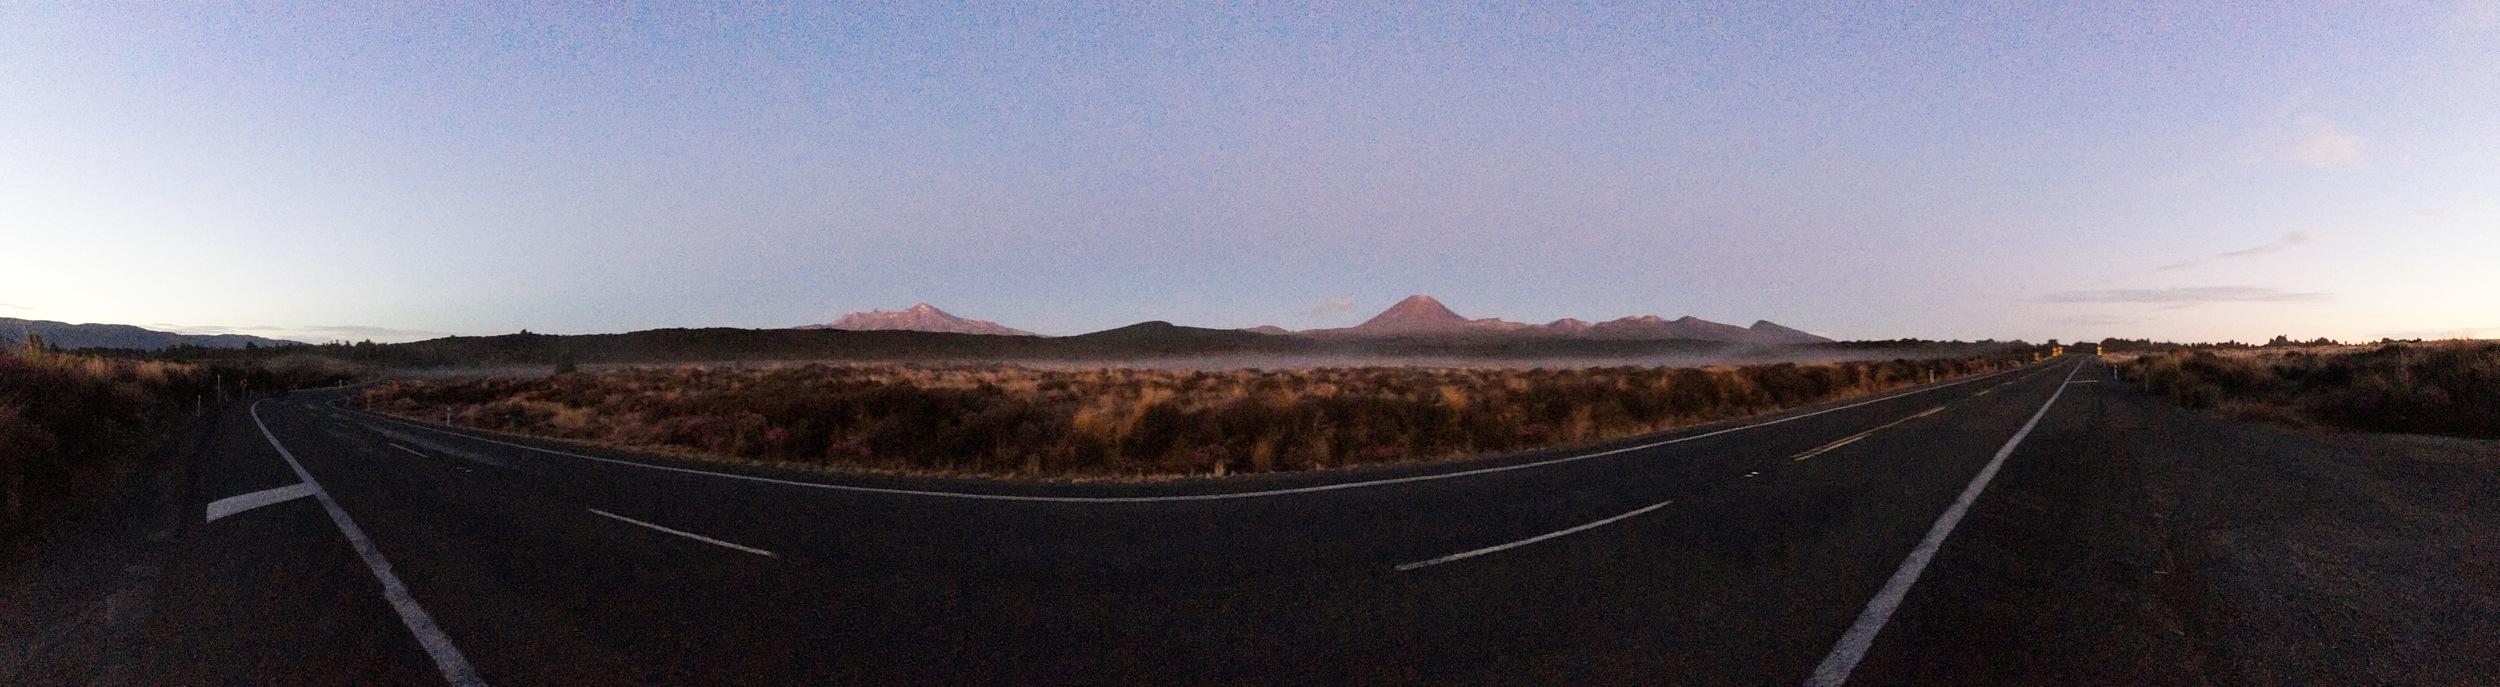 // Street view of Tingariro National Park